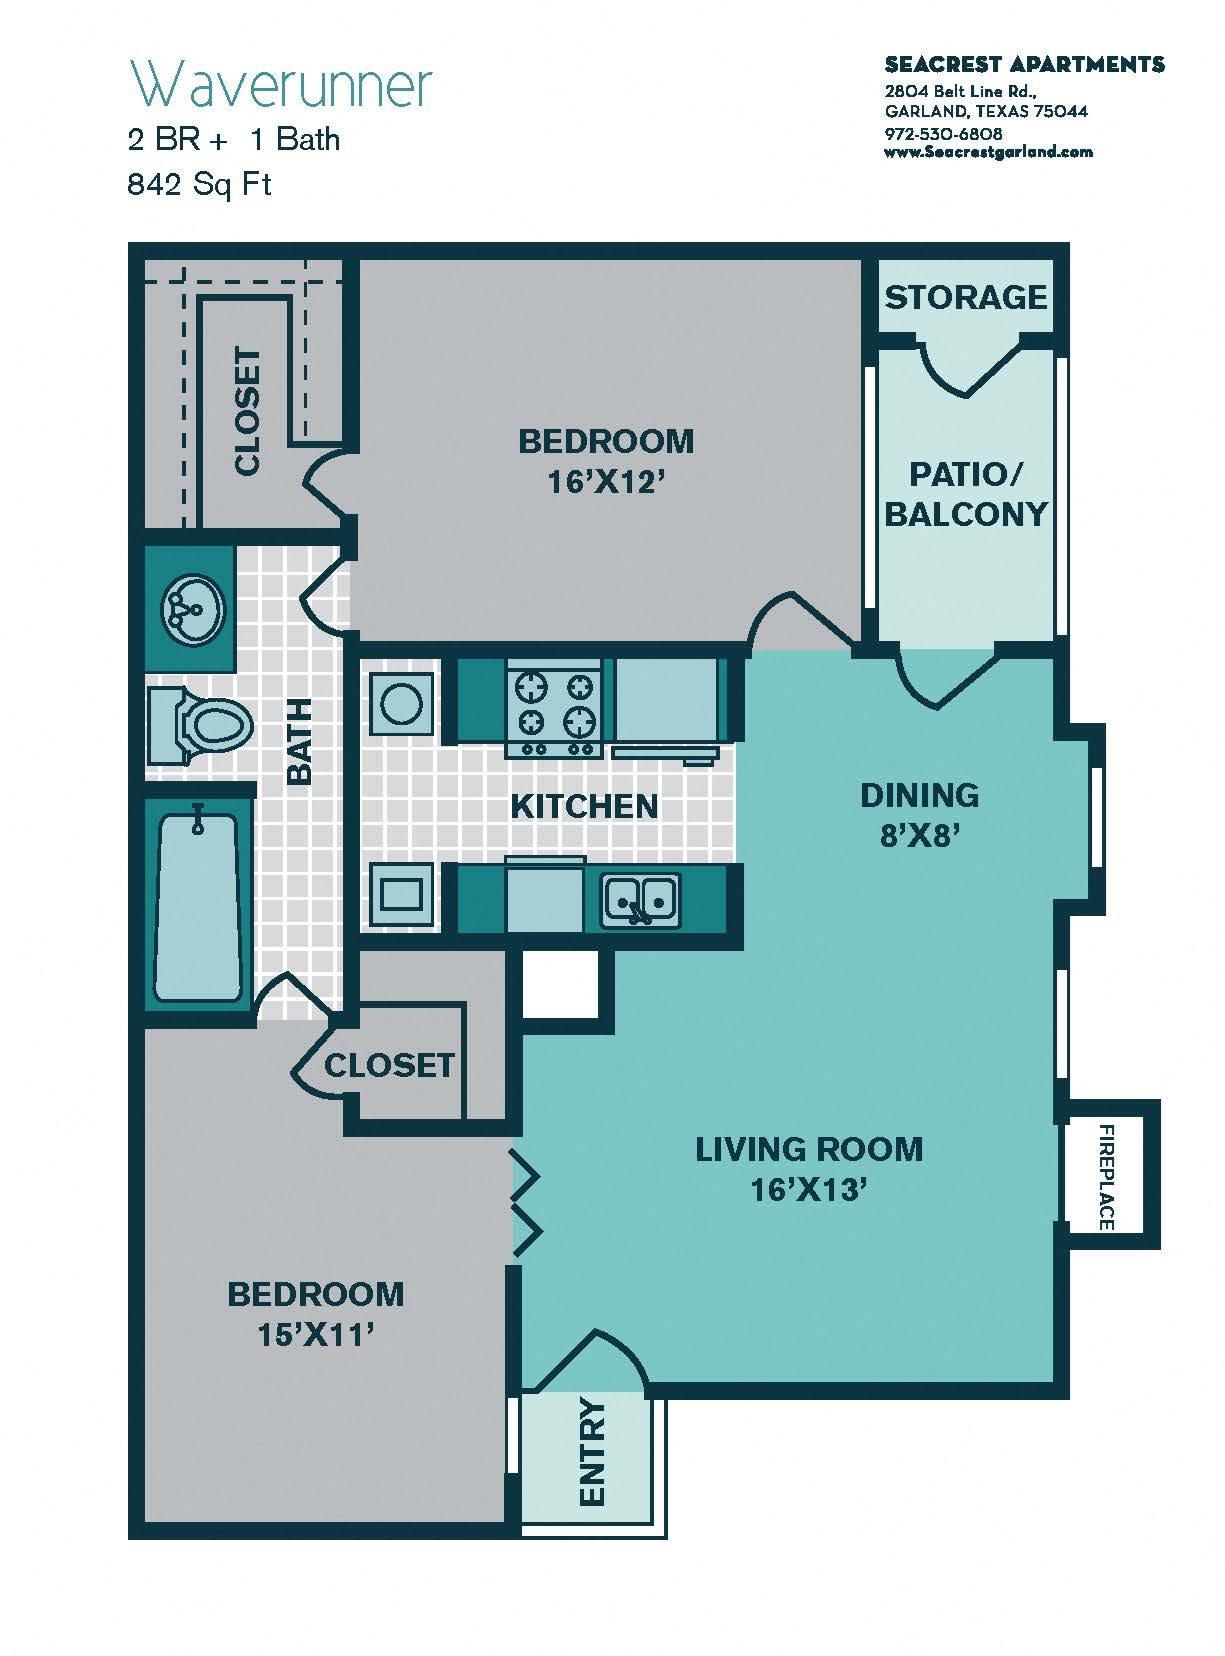 1 Bedroom A5 - 842sqft - WAVERUNNER Floor Plan 5